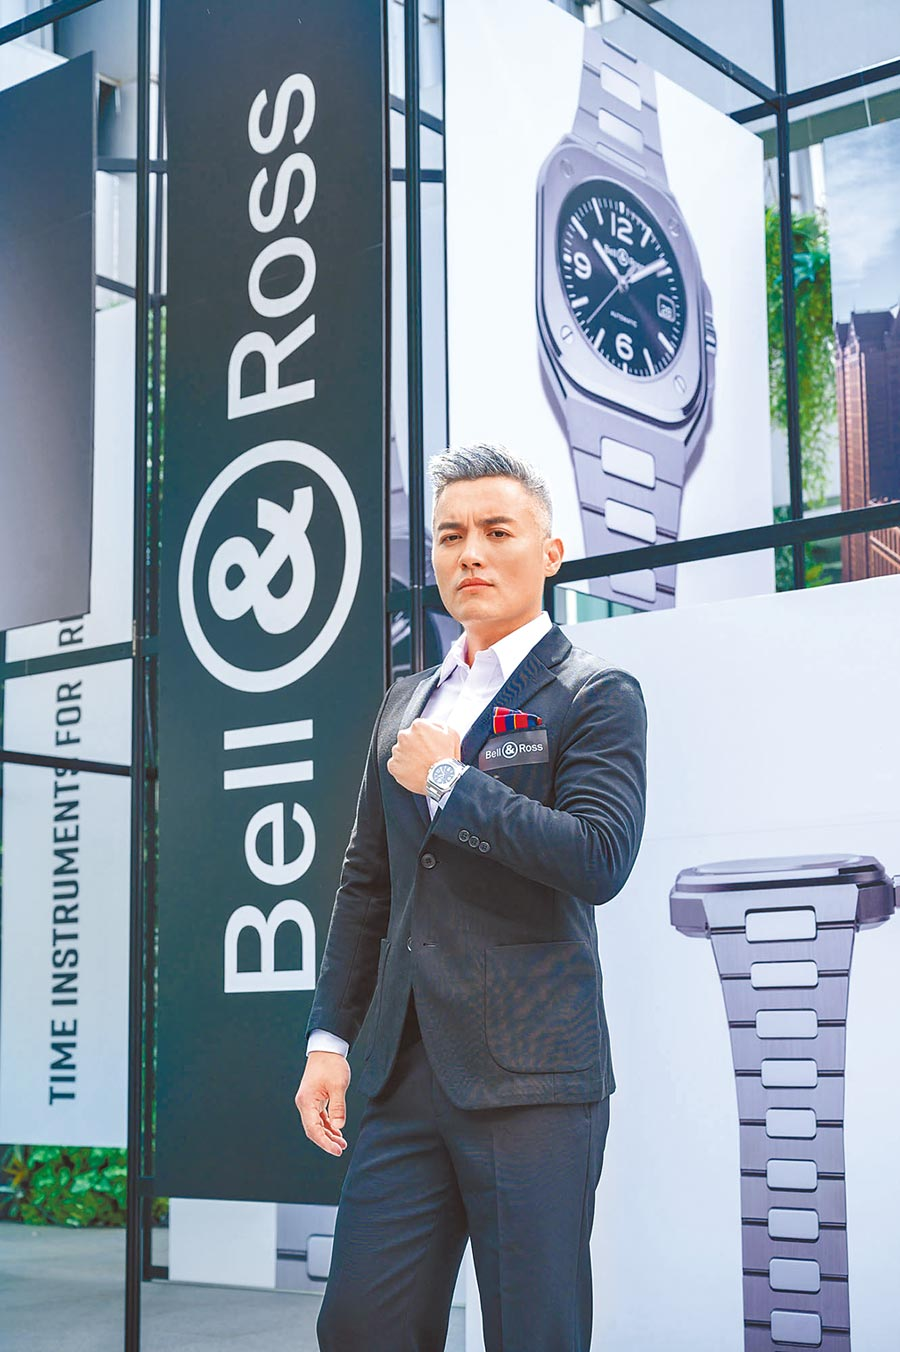 范逸臣出席Bell & Ross新款腕表BR05發布會,並分享近況,他忙著參加超馬、拍電影,還寫書,是豐收的一年。(Bell & Ross提供)